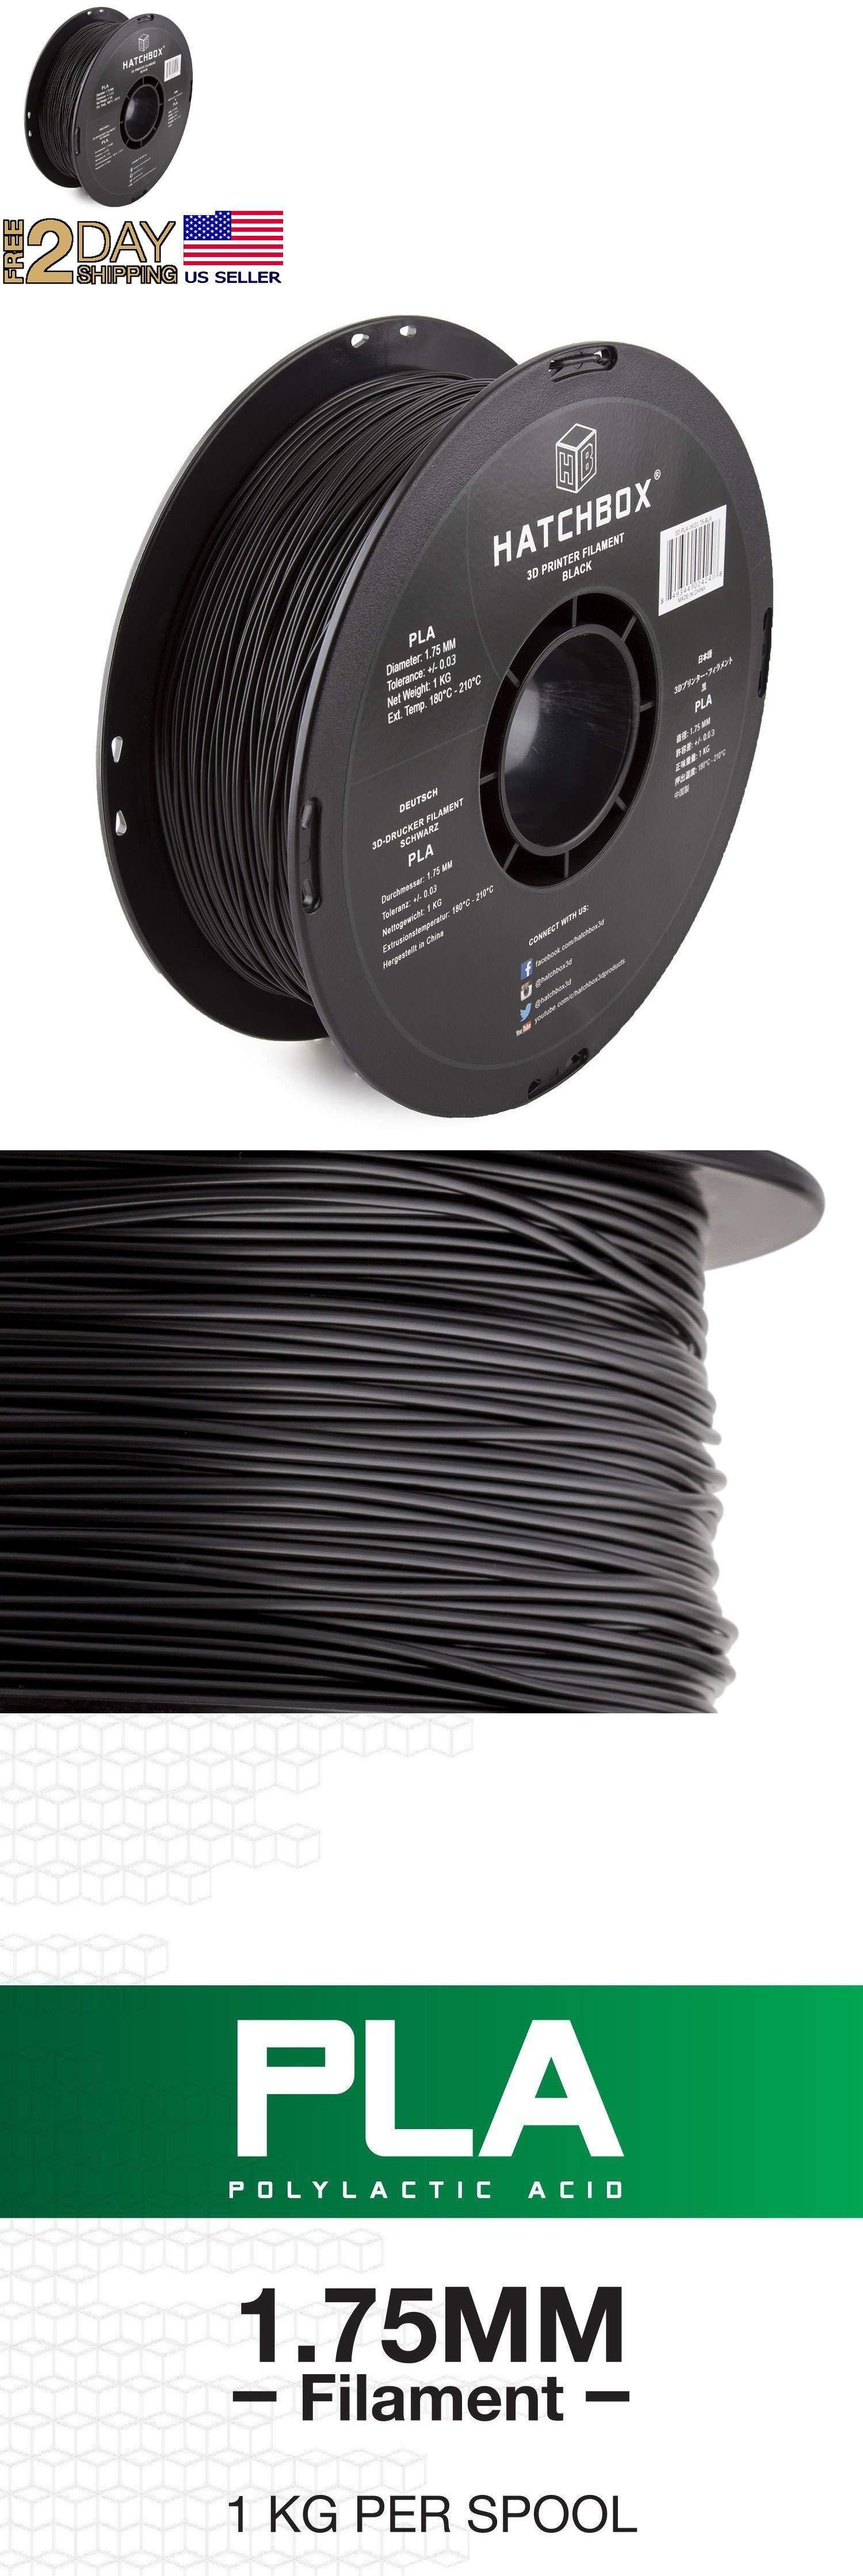 3D Printer Consumables 183065: Hatchbox Pla 3D Printer Filament, 1